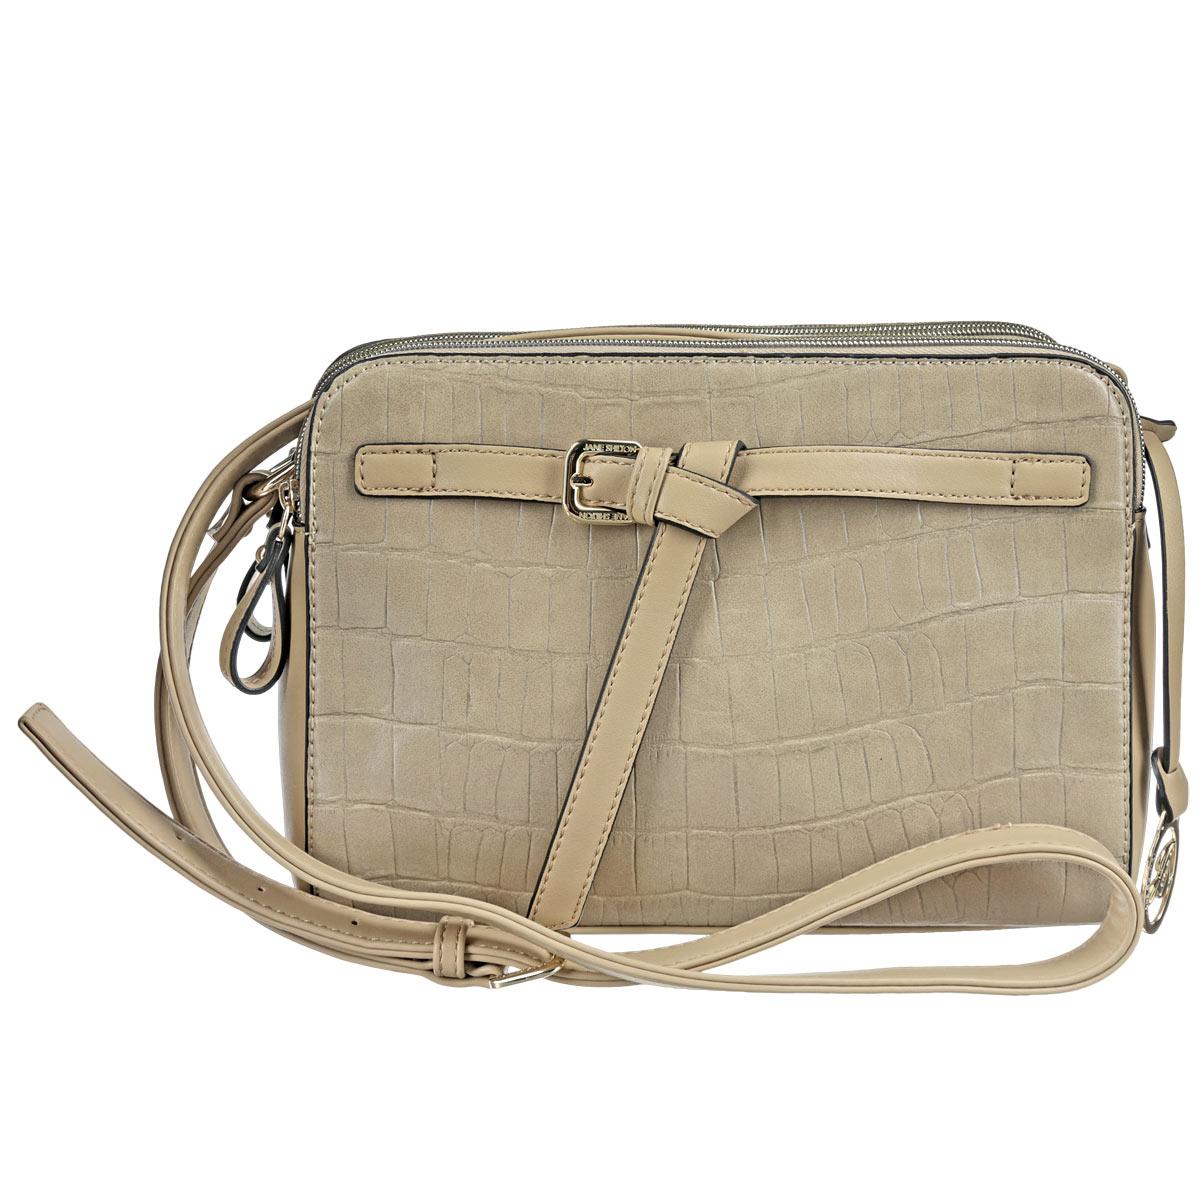 Сумка женская Jane Shilton, цвет: песочный. 17061706Стильная женская сумка Jane Shilton изготовлена из высококачественной искусственной кожи и исполнена в лаконичном стиле. Изделие дополнено изящным ремешком и декоративным элементом с названием бренда. Регулируемый плечевой ремень прочно крепится к корпусу сумки. Изделие имеет три отделения, два из которых на застежке-молнии и одно на замке-магните. Внутреннее отделение содержит один накладной карман для мобильного телефона и врезной карман на молнии. Фурнитура золотистого цвета. Современная женщина - особа взыскательная. Для работы и выхода в свет ей необходим практичный аксессуар, который бы легко и изящно дополнял любой комплект. Для таких женщин и предназначены сумки семьи Shilton, они будут долго служить верой и правдой своей обладательнице.